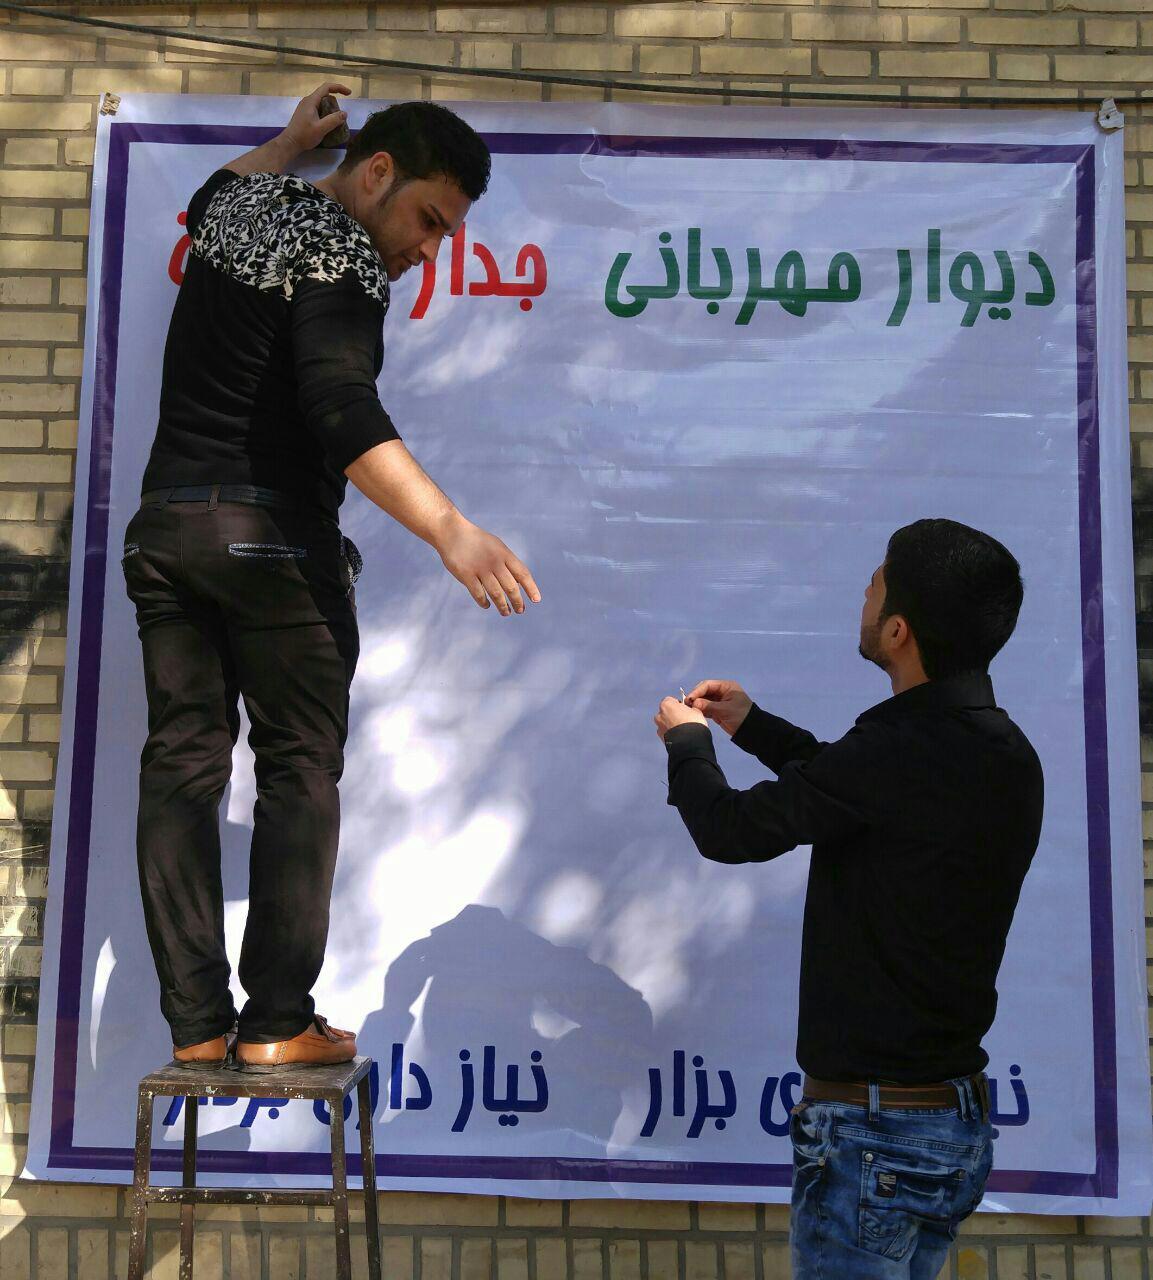 دیوار مهربانی به شهر شوش رسید +عکس